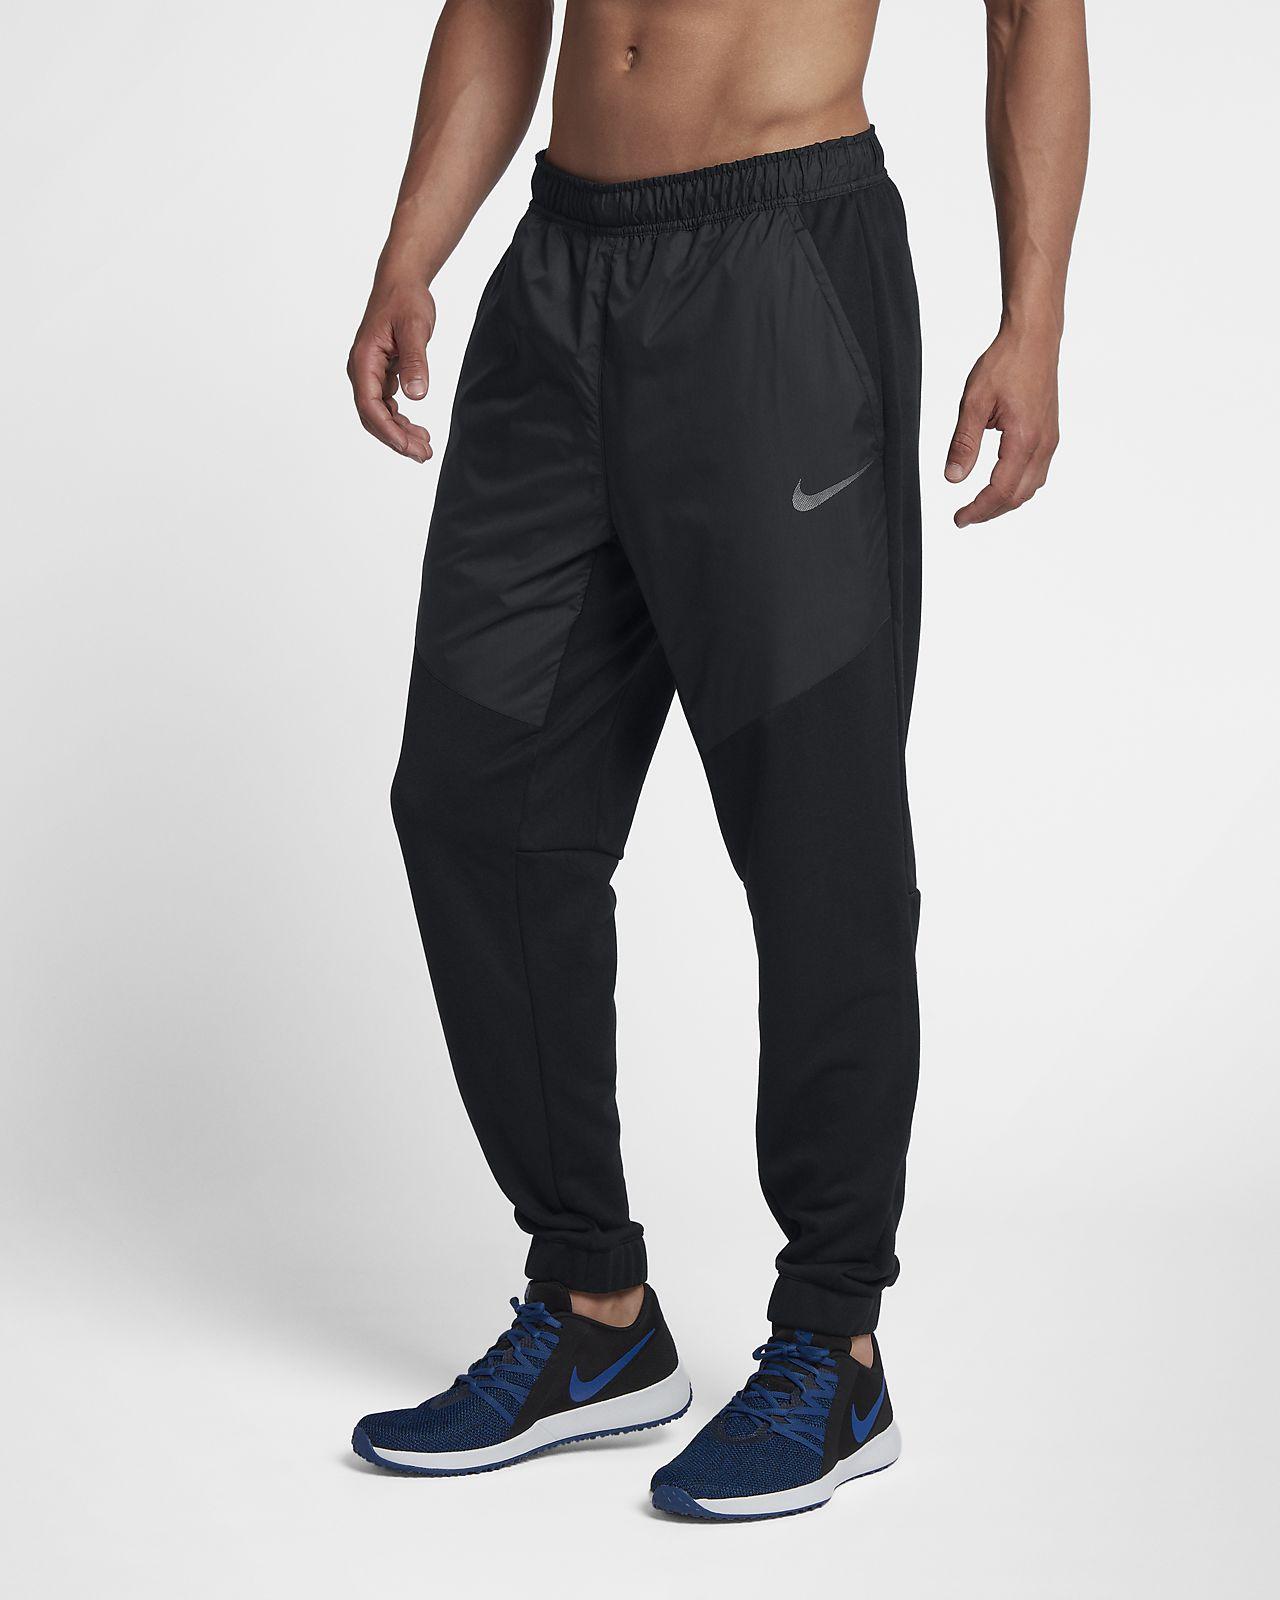 Träningsbyxor Nike Dri-FIT Utility i fleece för män